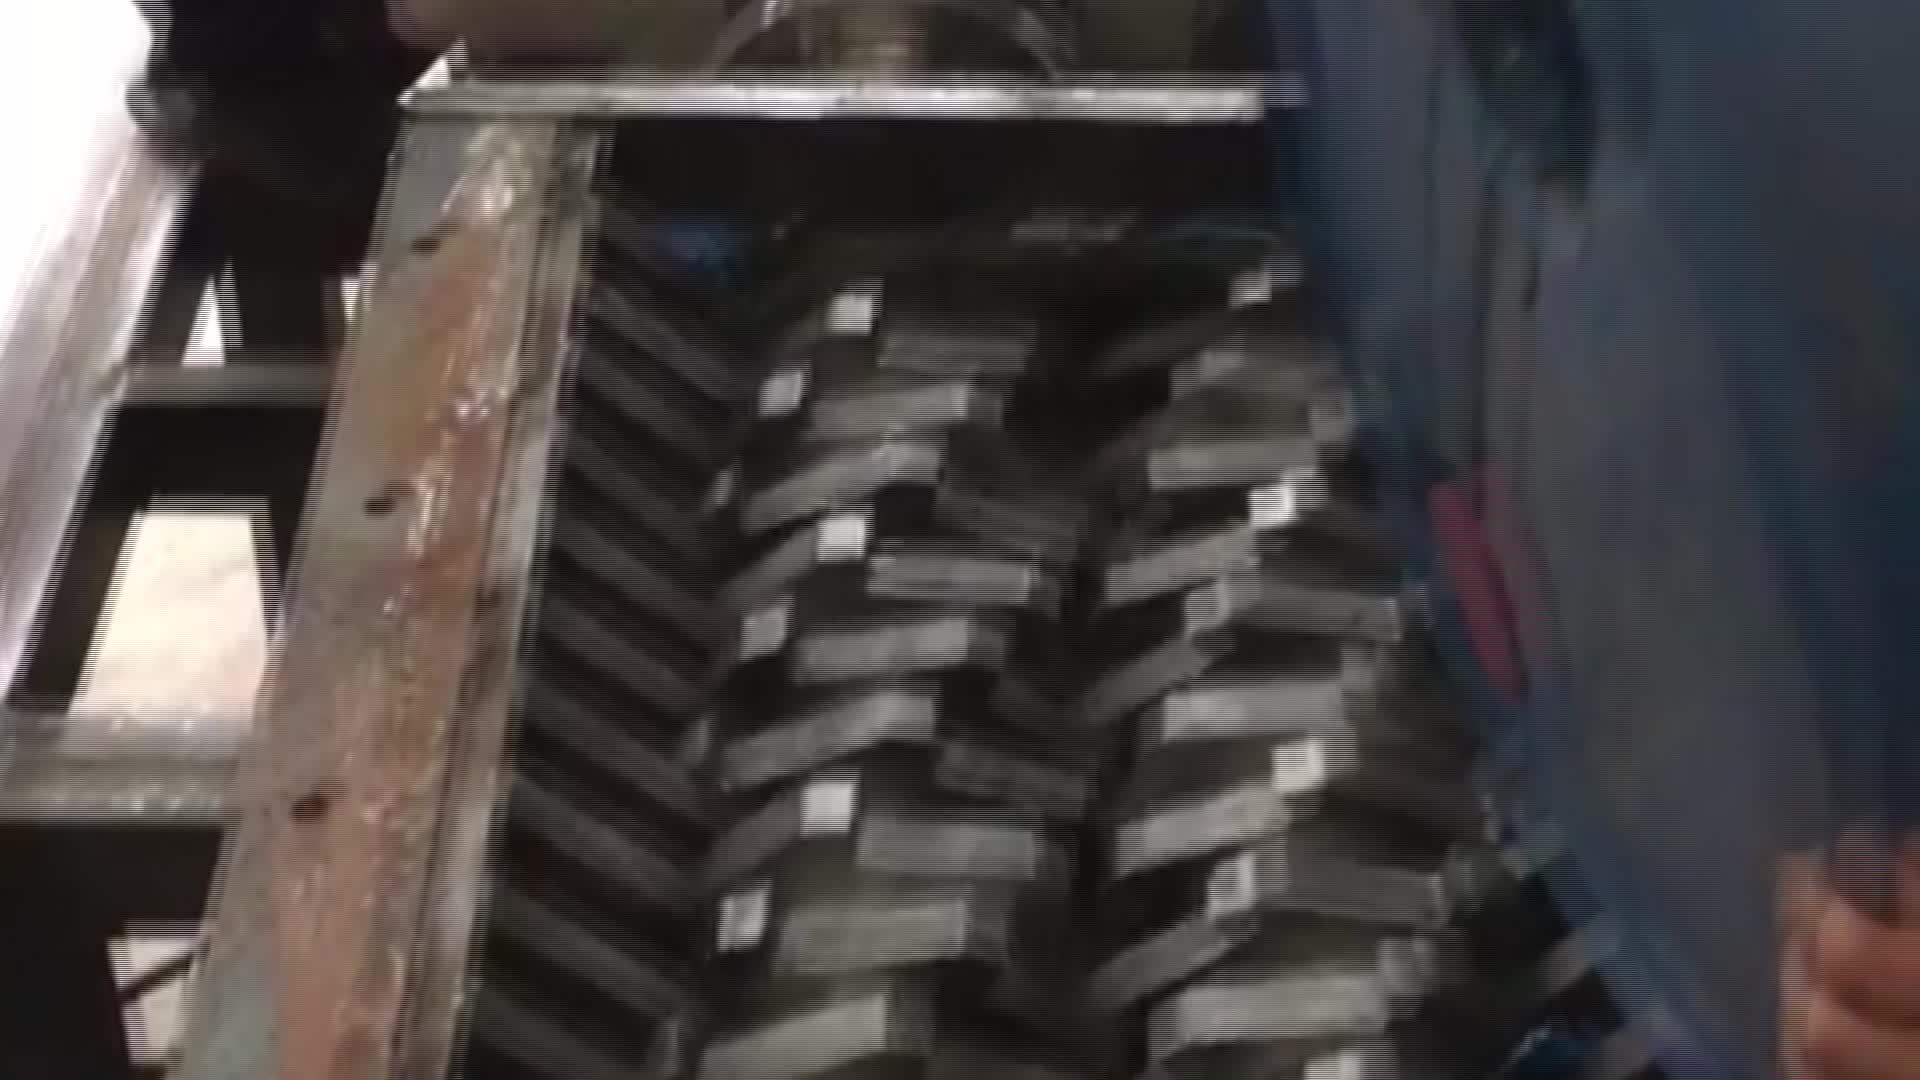 Zerkleinerungsmaschine aus Kunststoff mit doppeltem Schaft